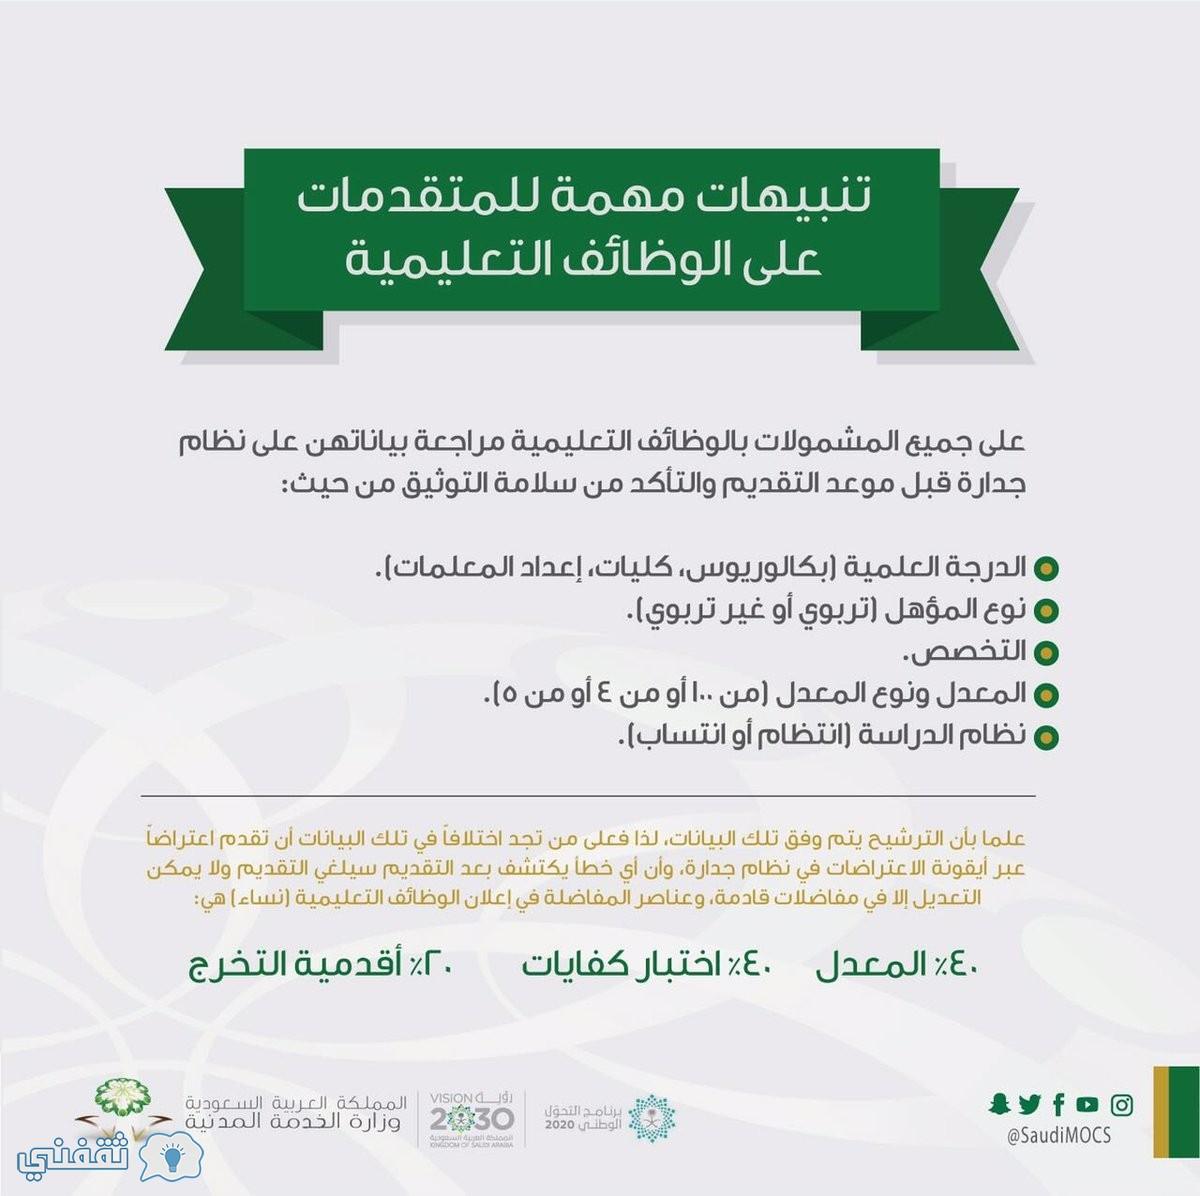 اولويات التقديم على الوظائف النسائية التعليمية